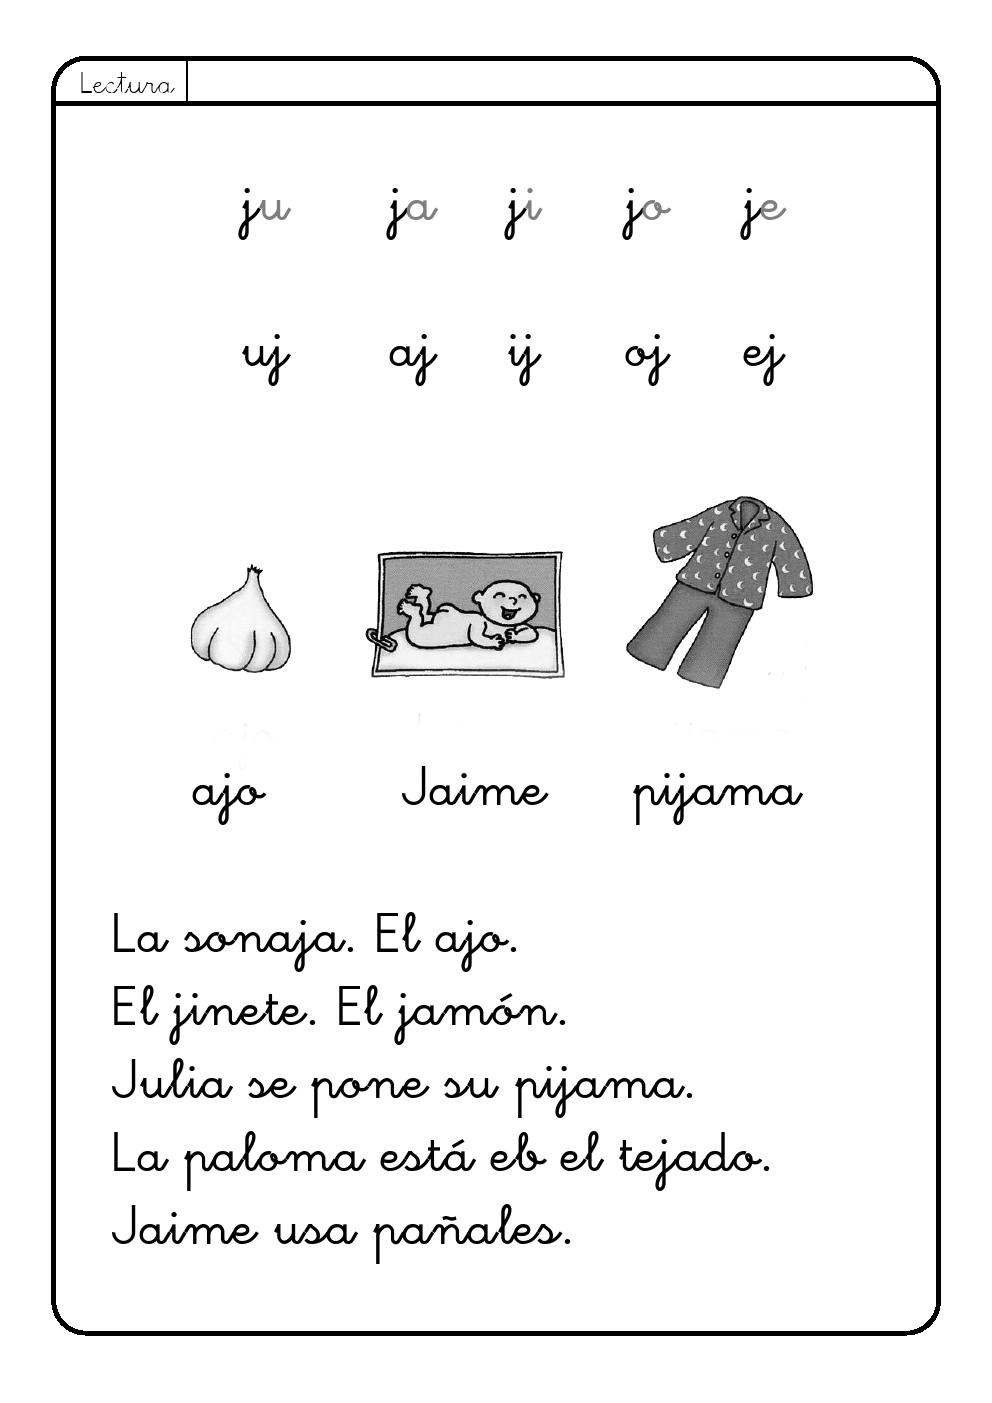 LOS PEQUES DEL CRISTO: Llega la letra J a nuestra clase.(5 AÑOS)